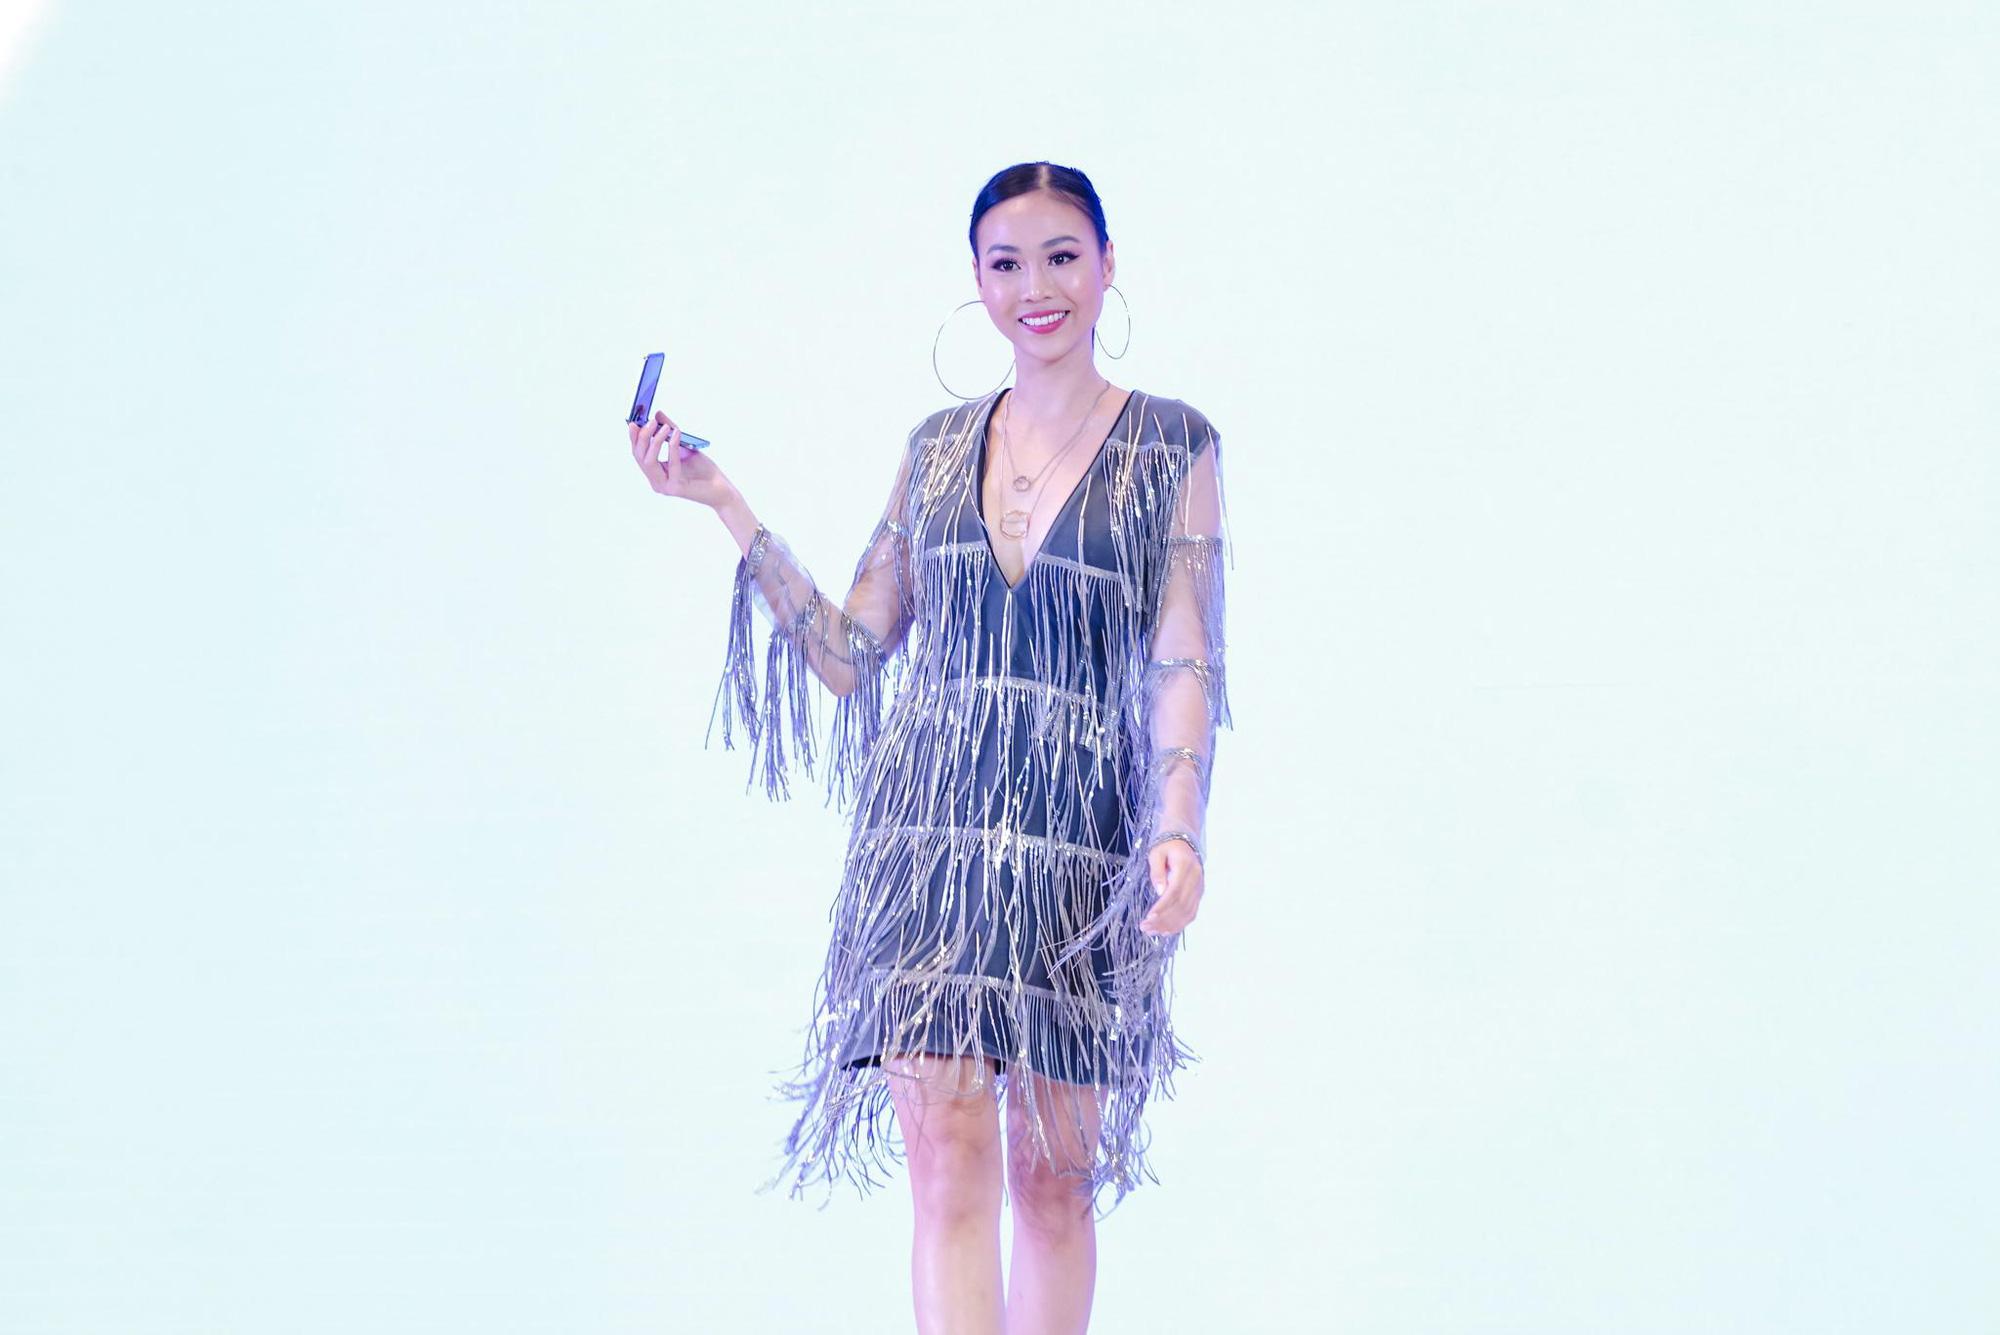 Galaxy Z Flip ra mắt chính thức tại Việt Nam, mở đầu xu hướng thời trang công nghệ mới - Ảnh 3.